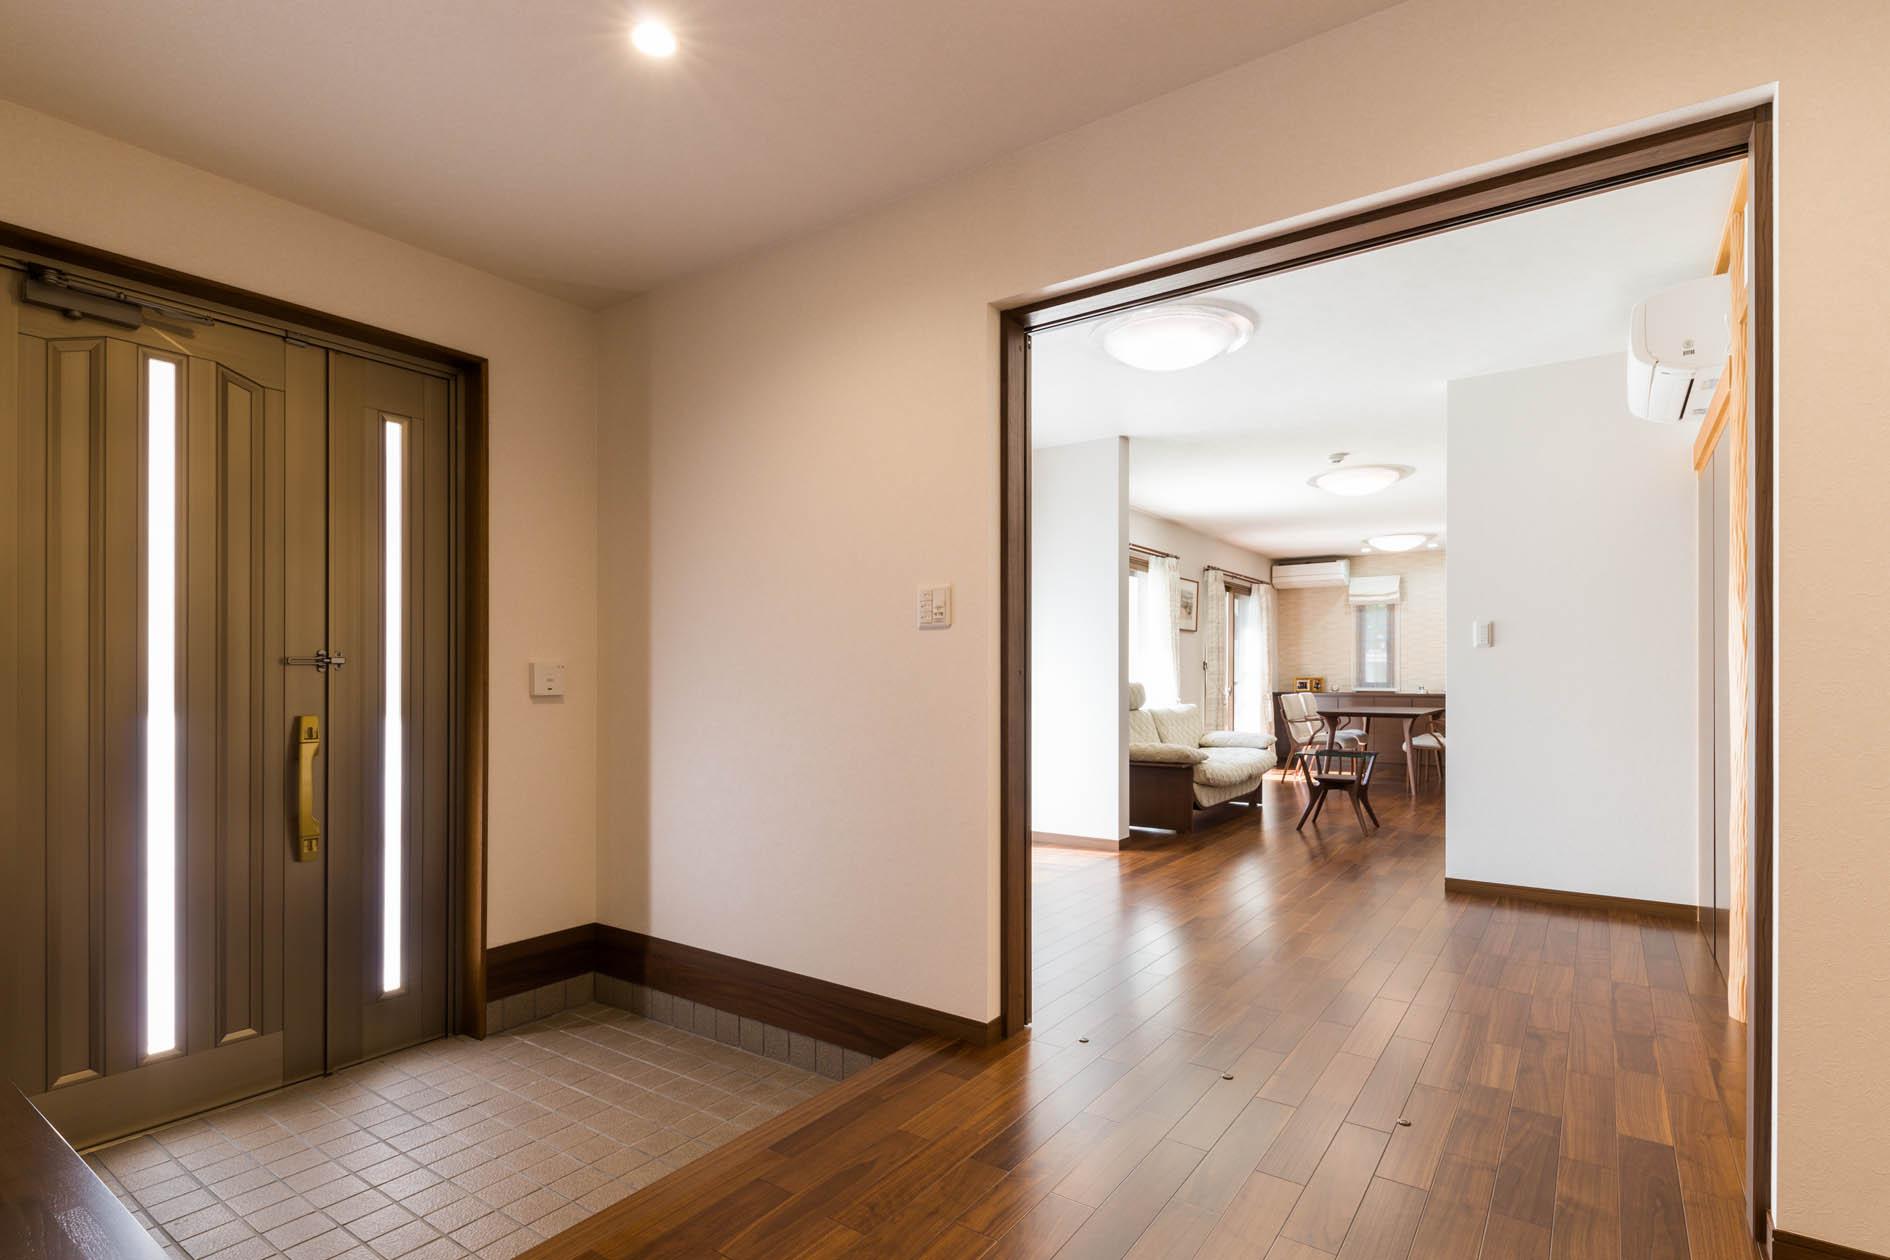 <p>1階をウォールナット色にリノベーション。<br />平屋のように過ごせる、ゆとりの住まいです。</p>